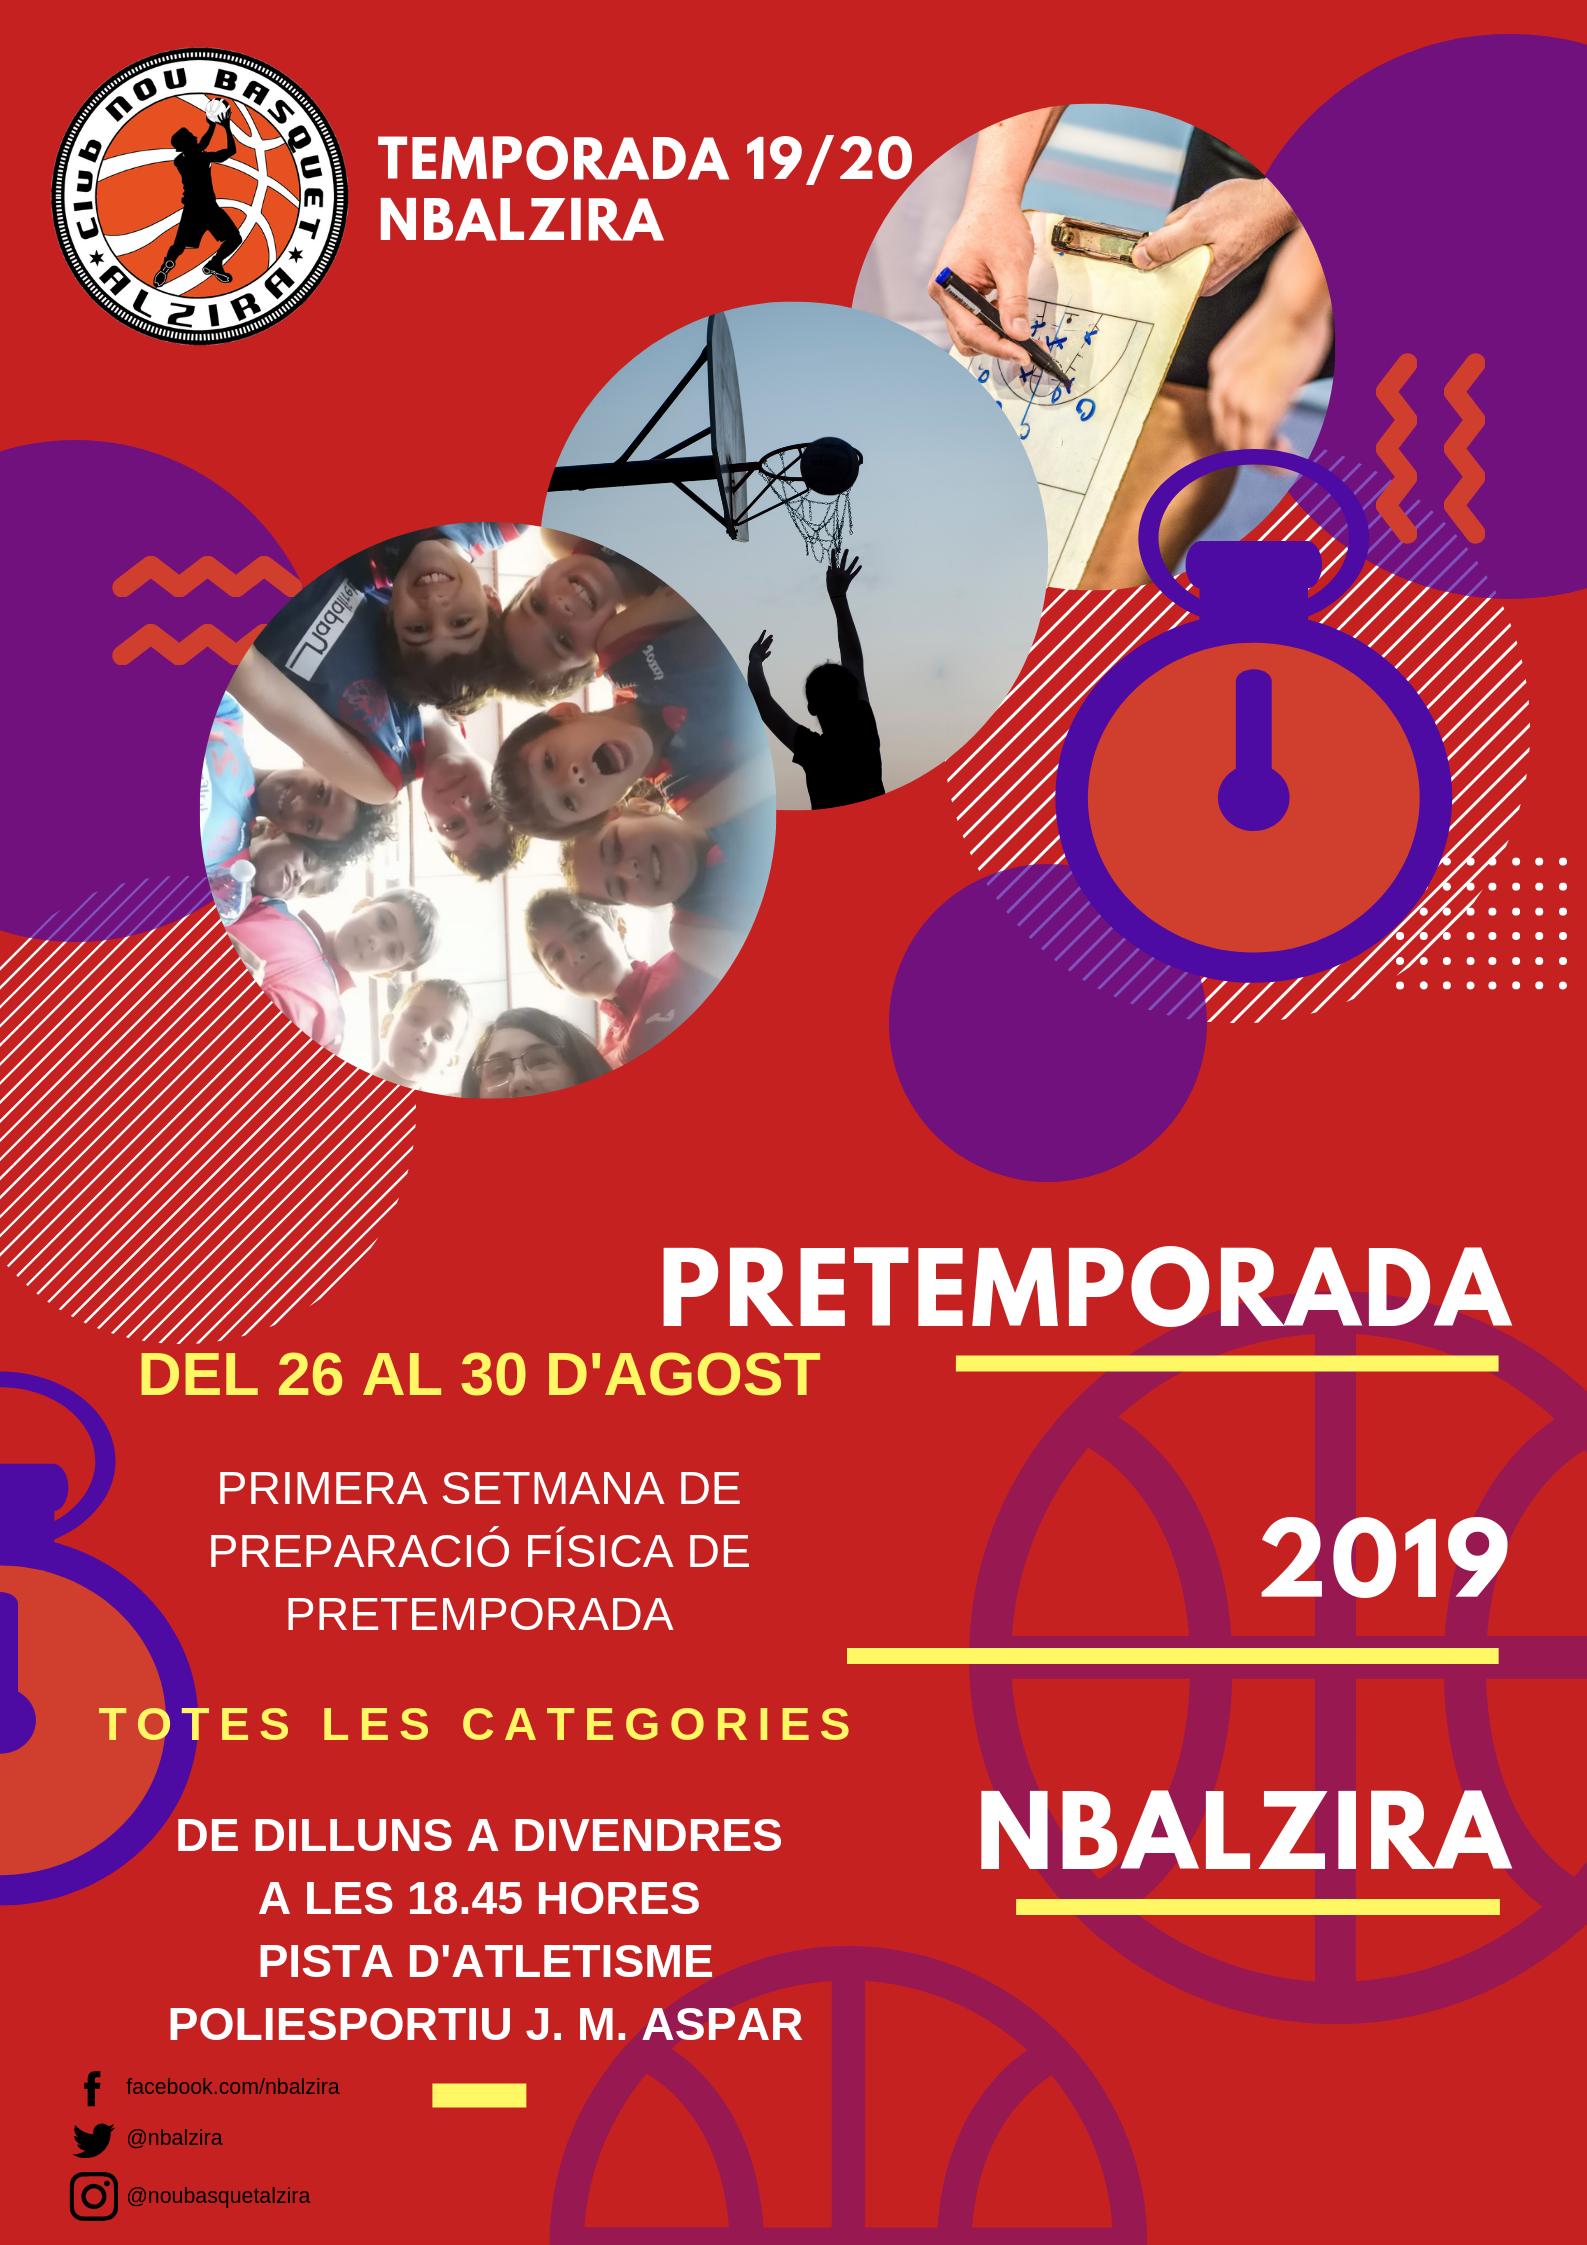 Pretemporada 2019